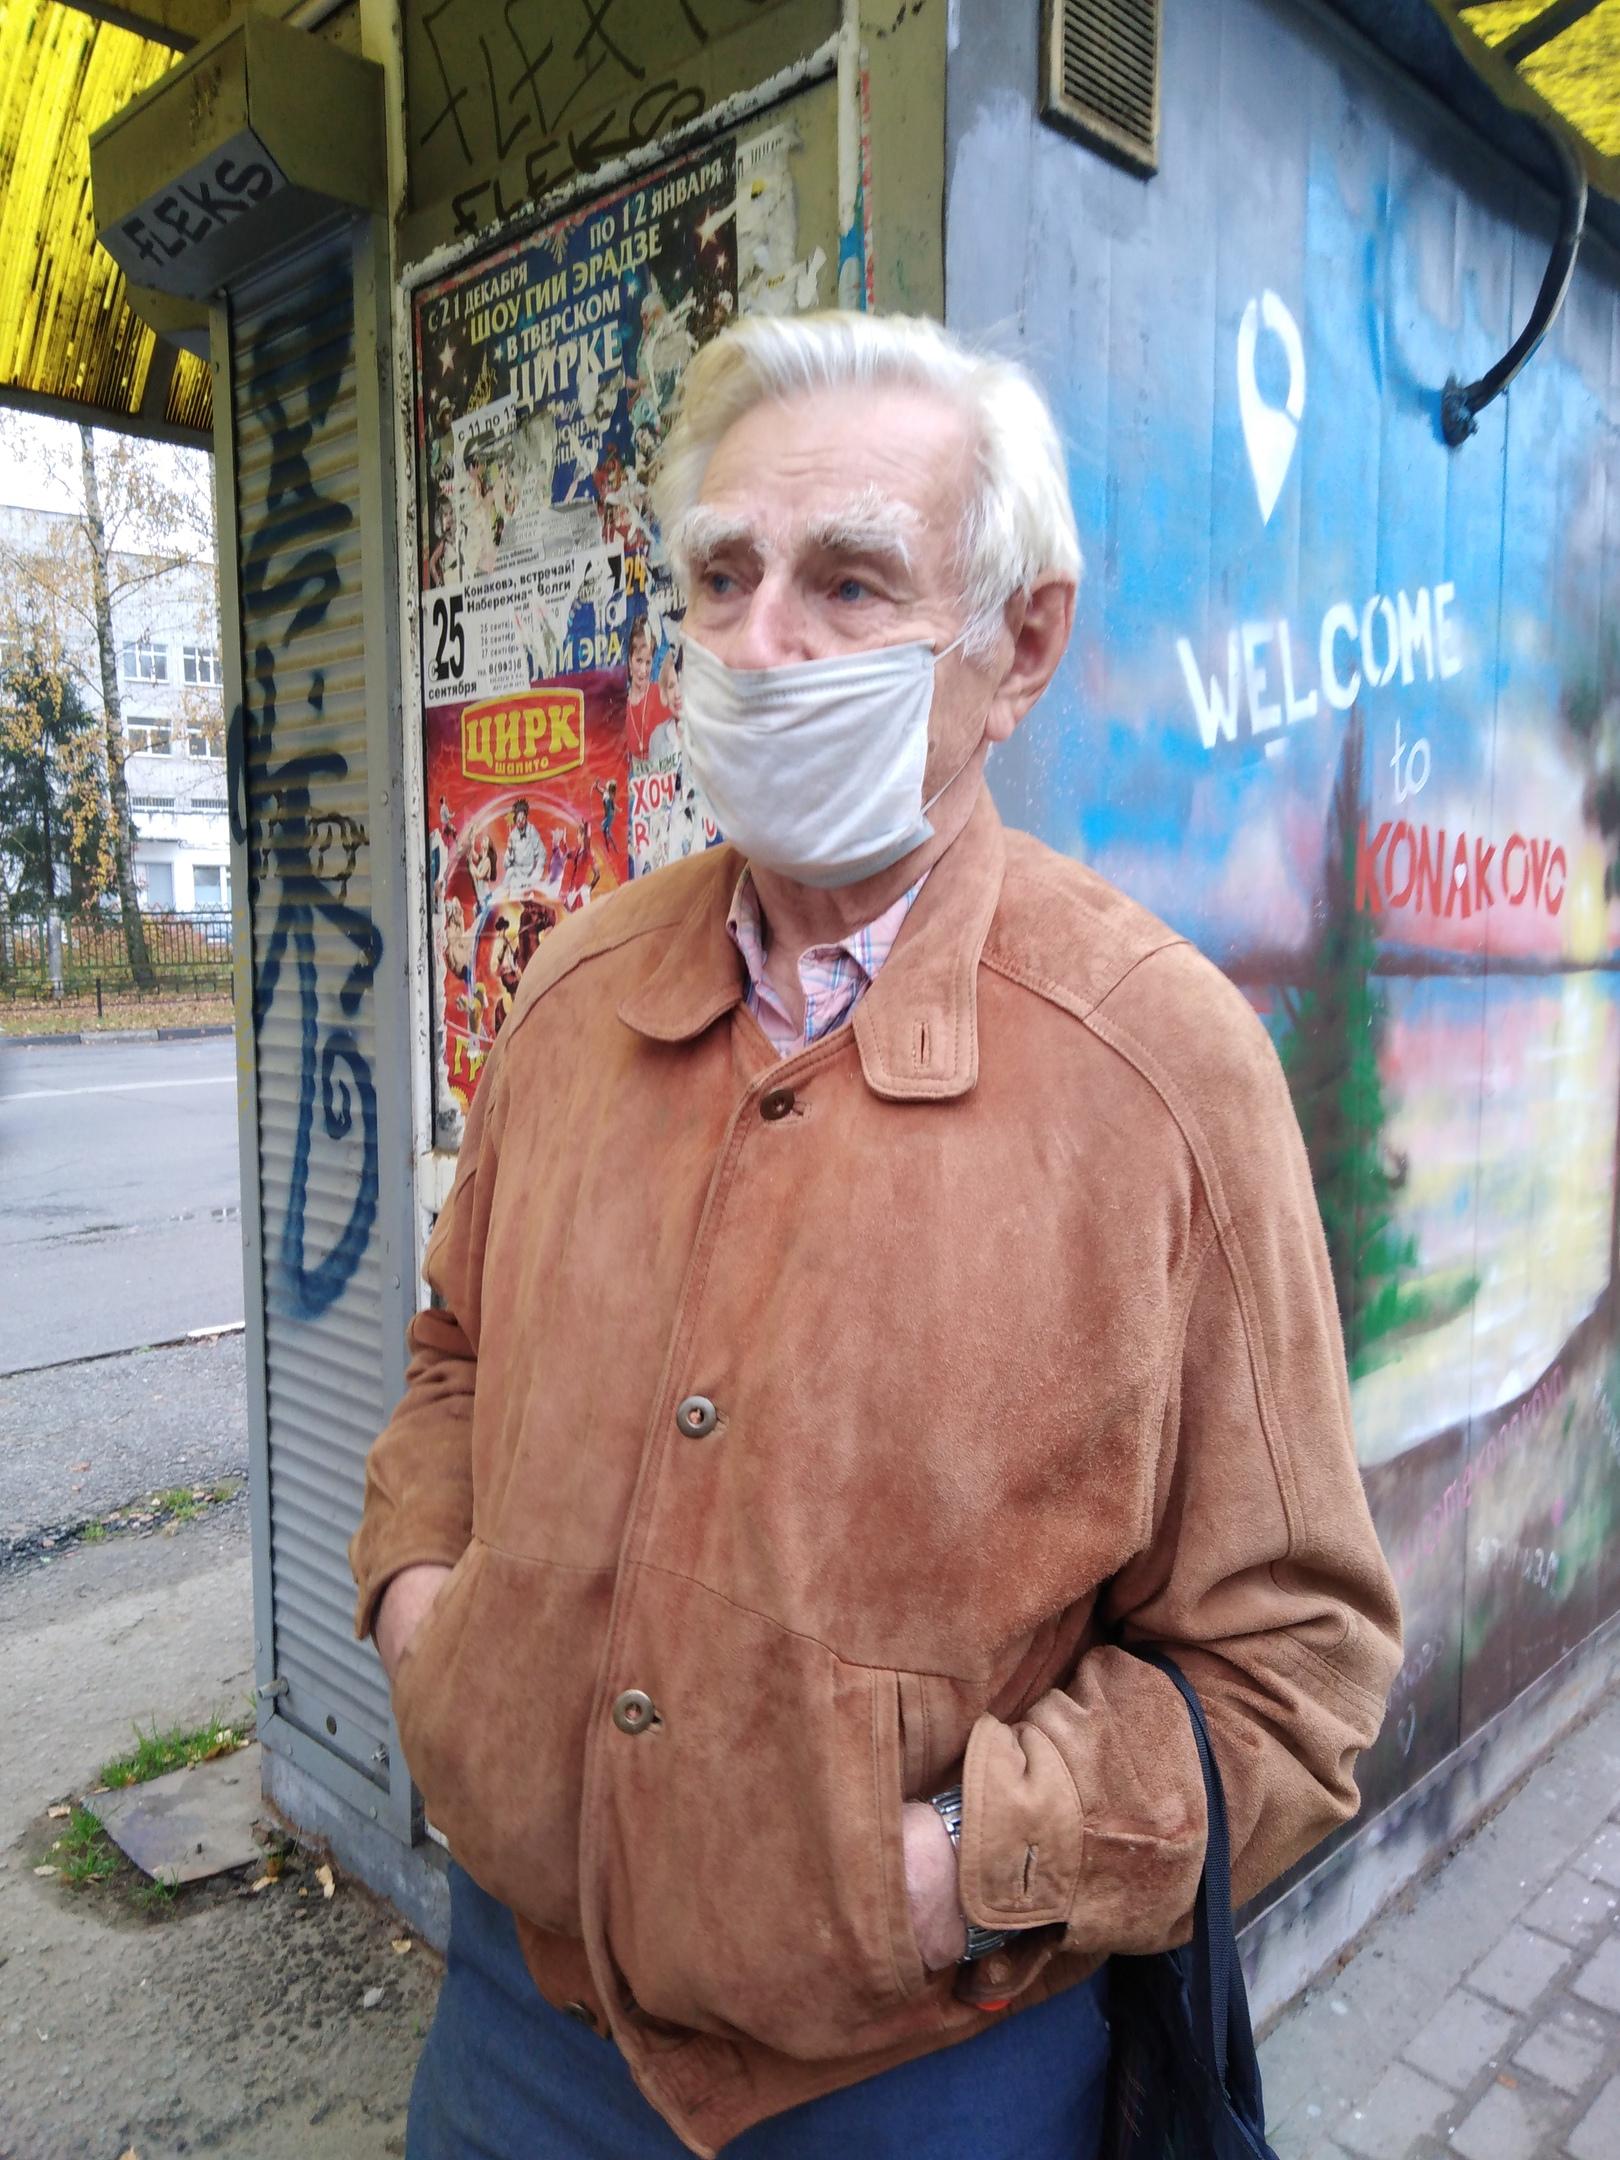 Зигфрид Таубес: Профилактические меры, такие как ношение масок, проверены временем